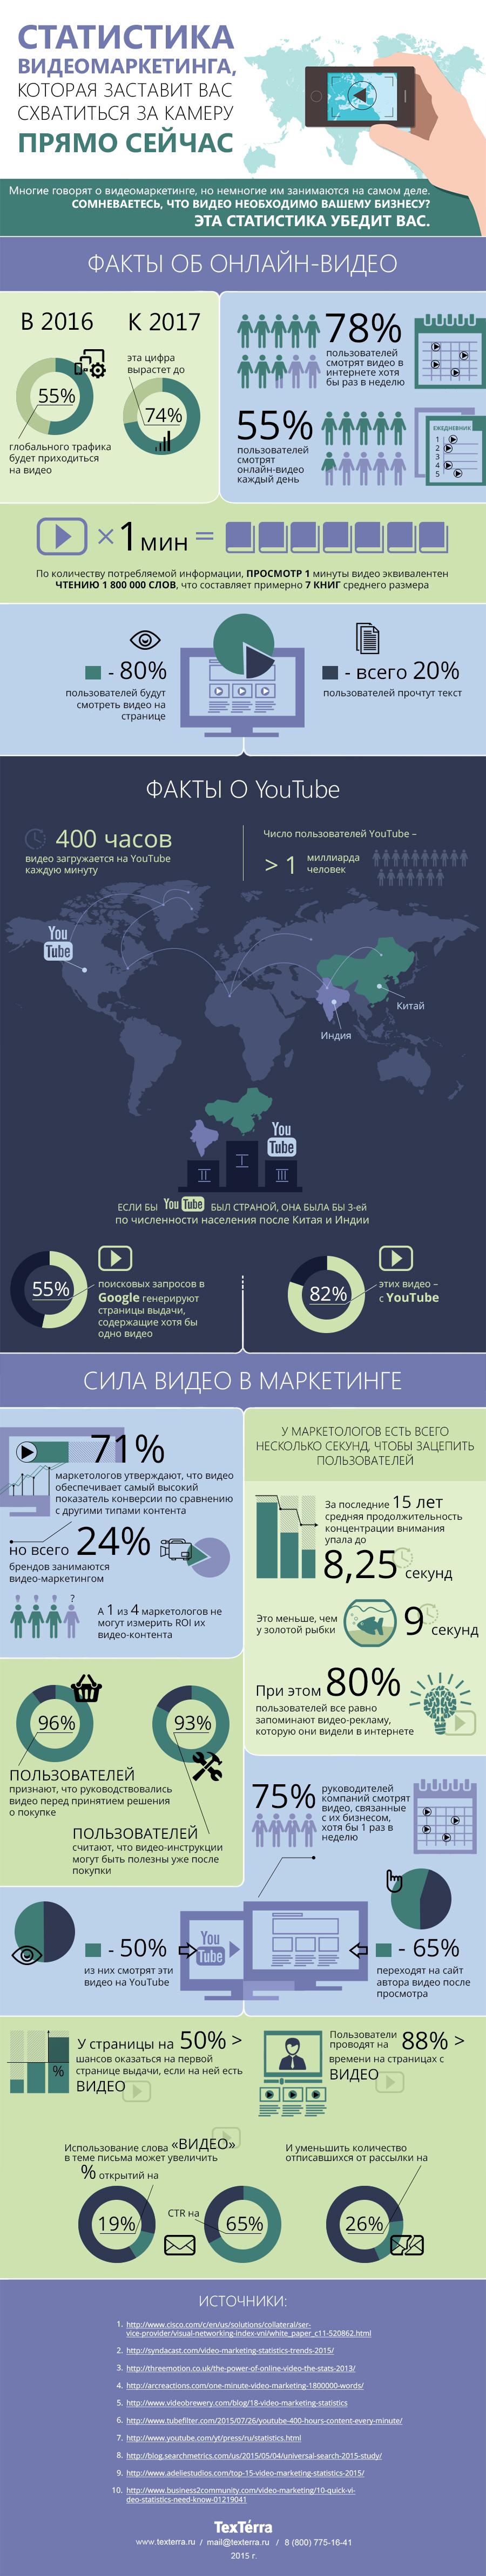 Факты о видео-контенте — видео-маркетинг стат данные